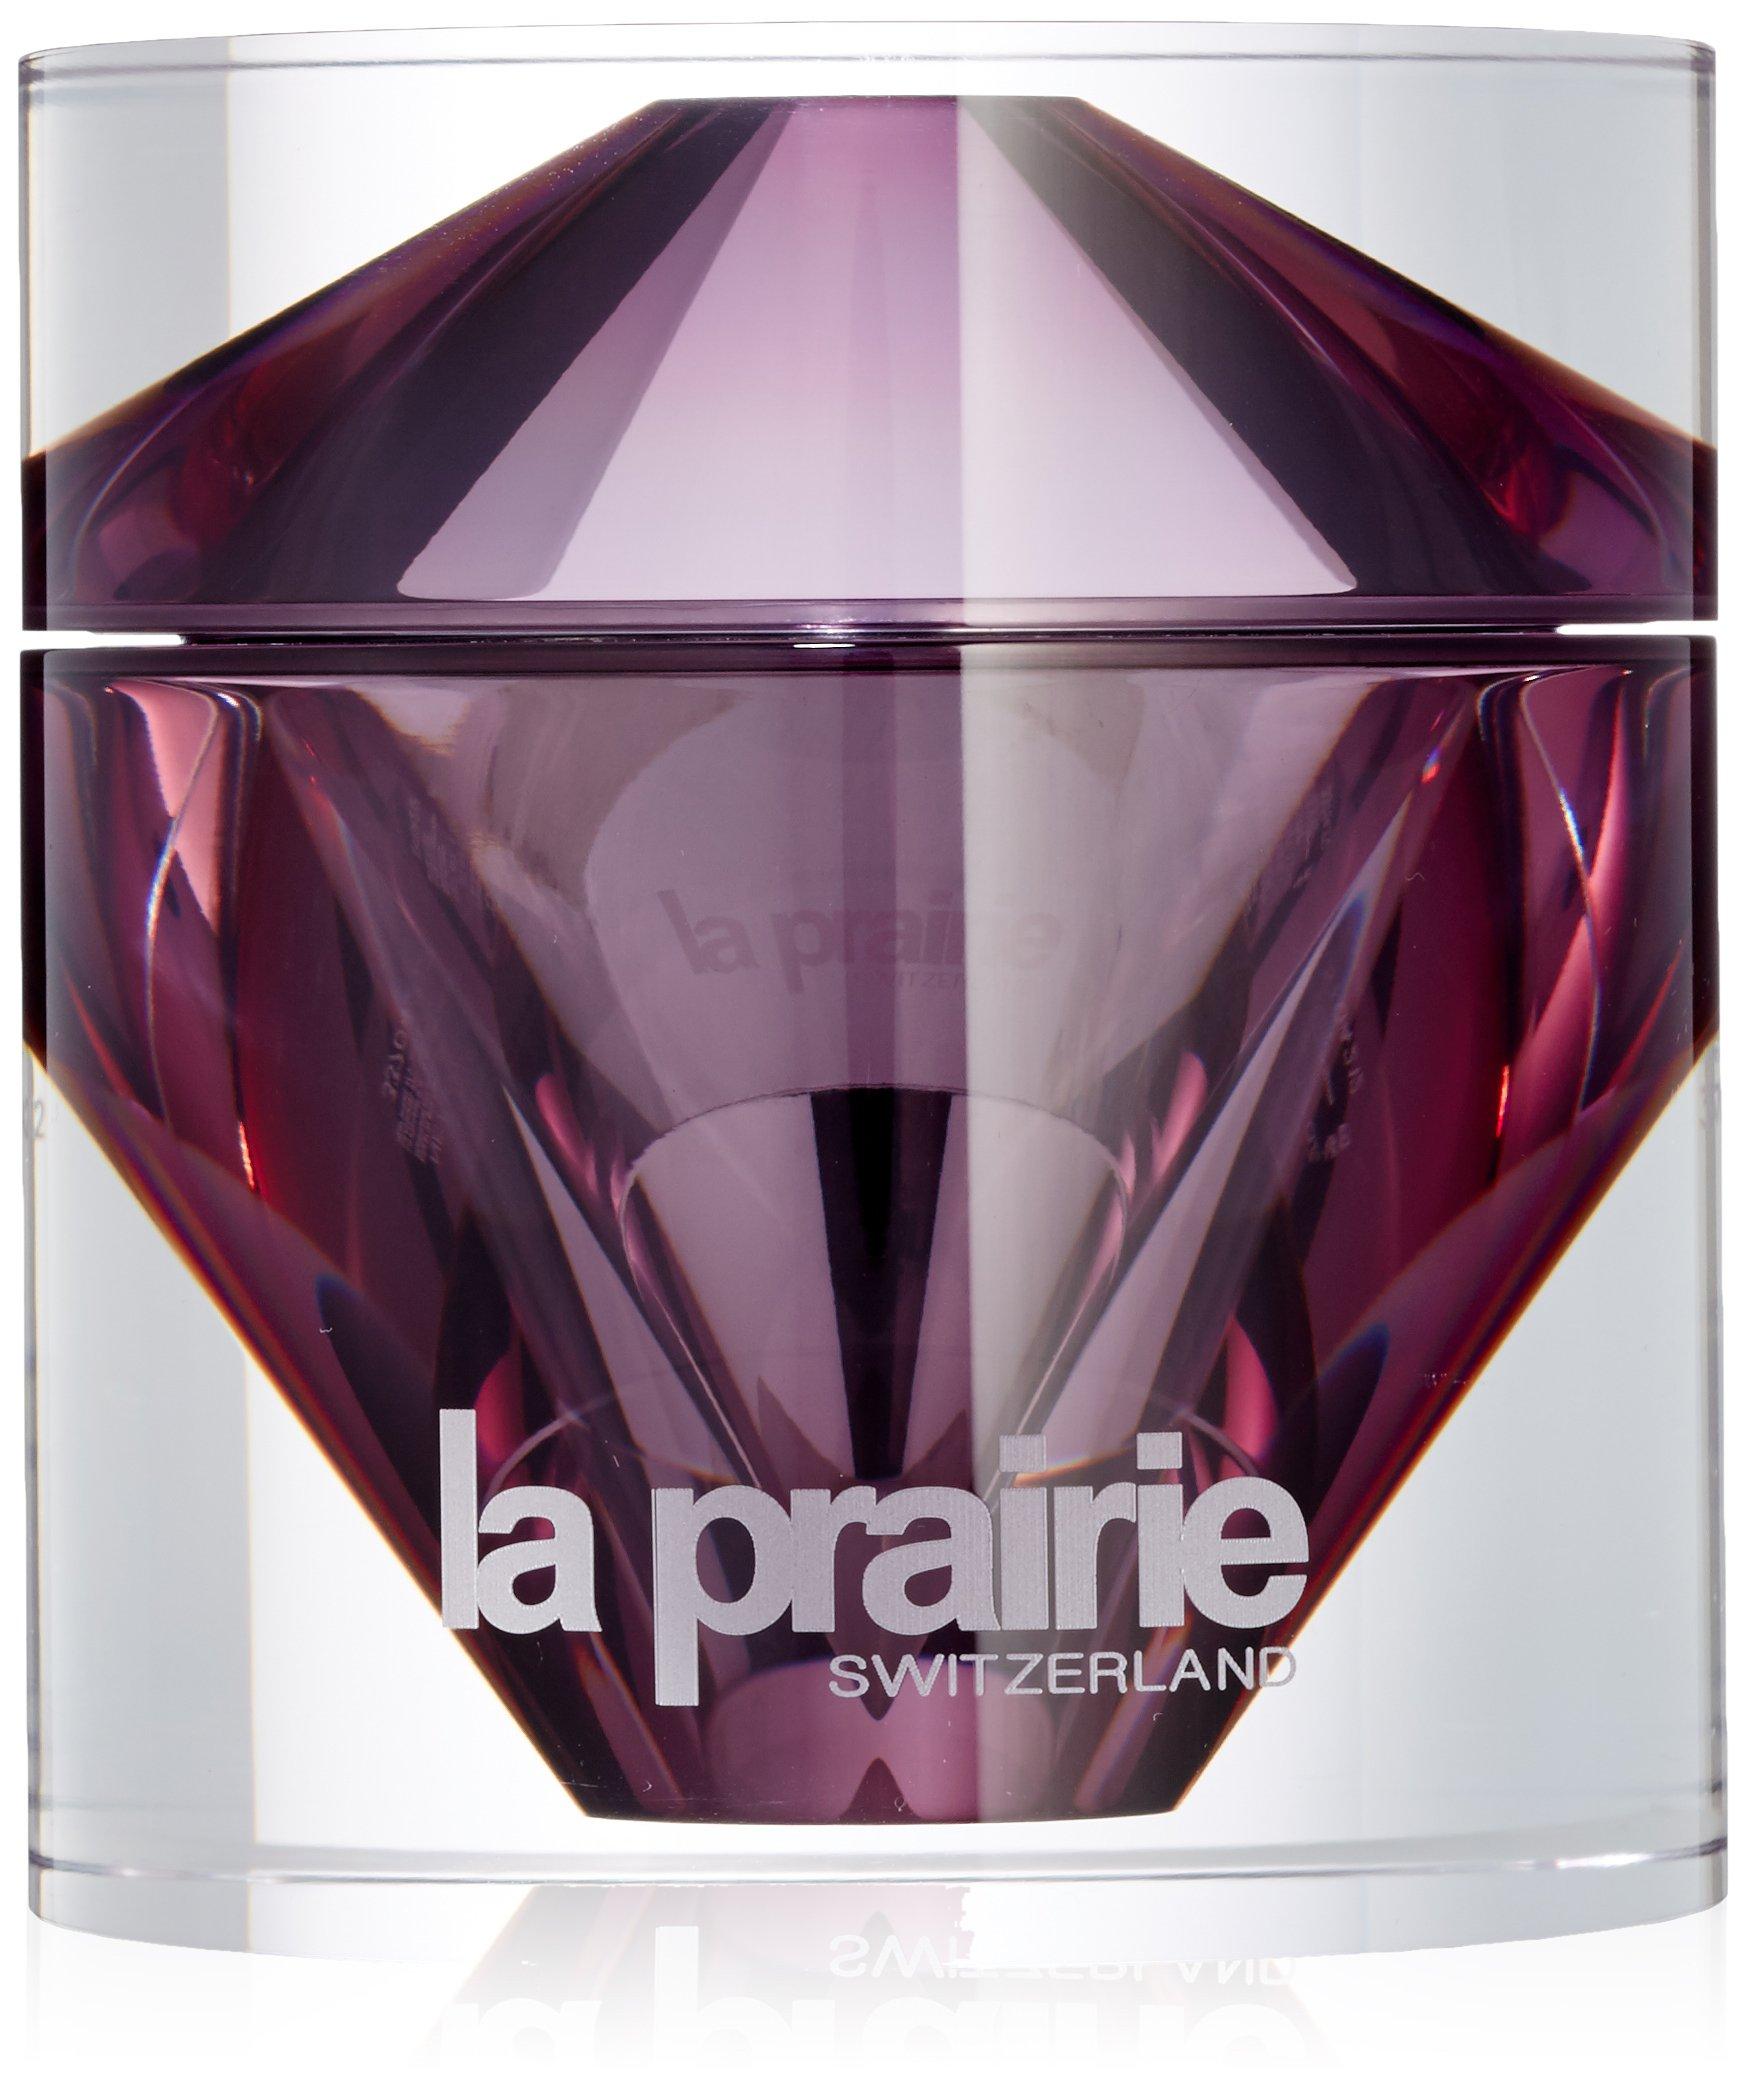 La prairie Cellular Cream Platium Rare 1.7oz